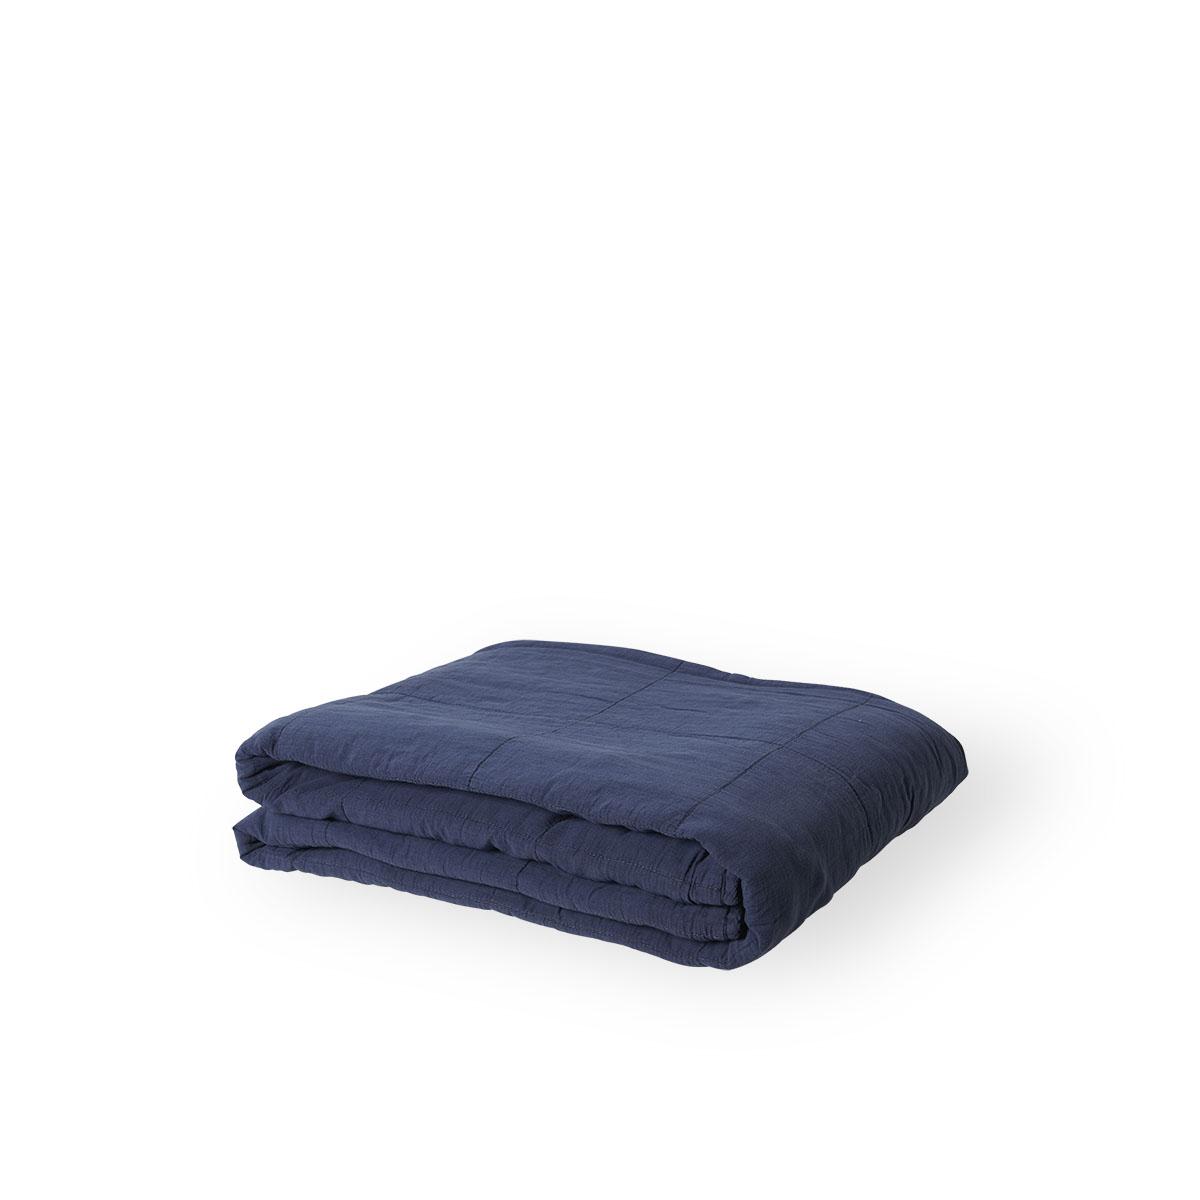 Sika Design Plaid 200x140 cm Marine Blau